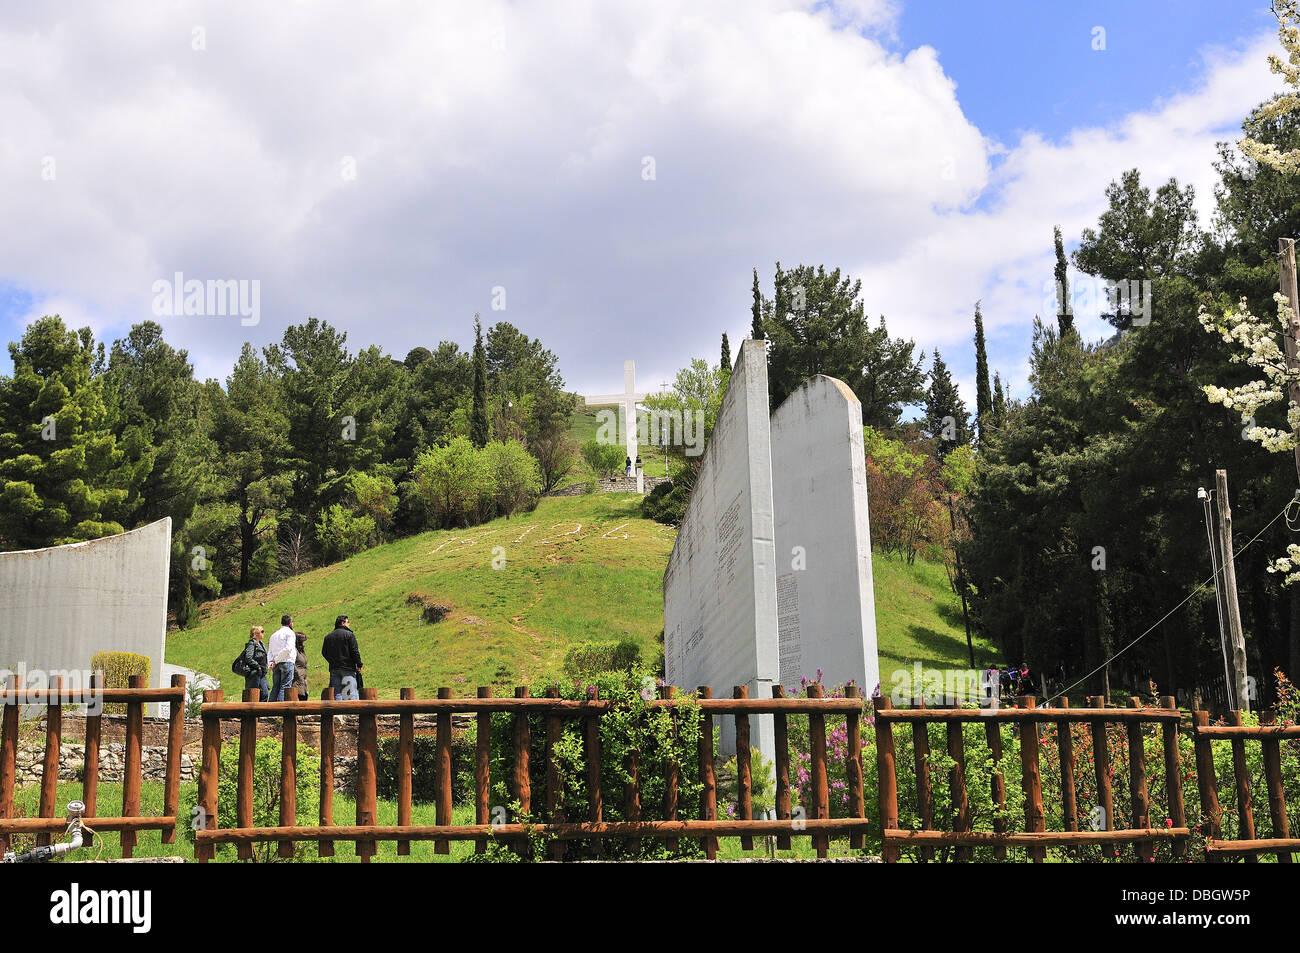 El sitio conmemorativo de la masacre de Kalabryta sobre una colina que domina la ciudad. Kalabryta , Peloponeso Grecia Foto de stock